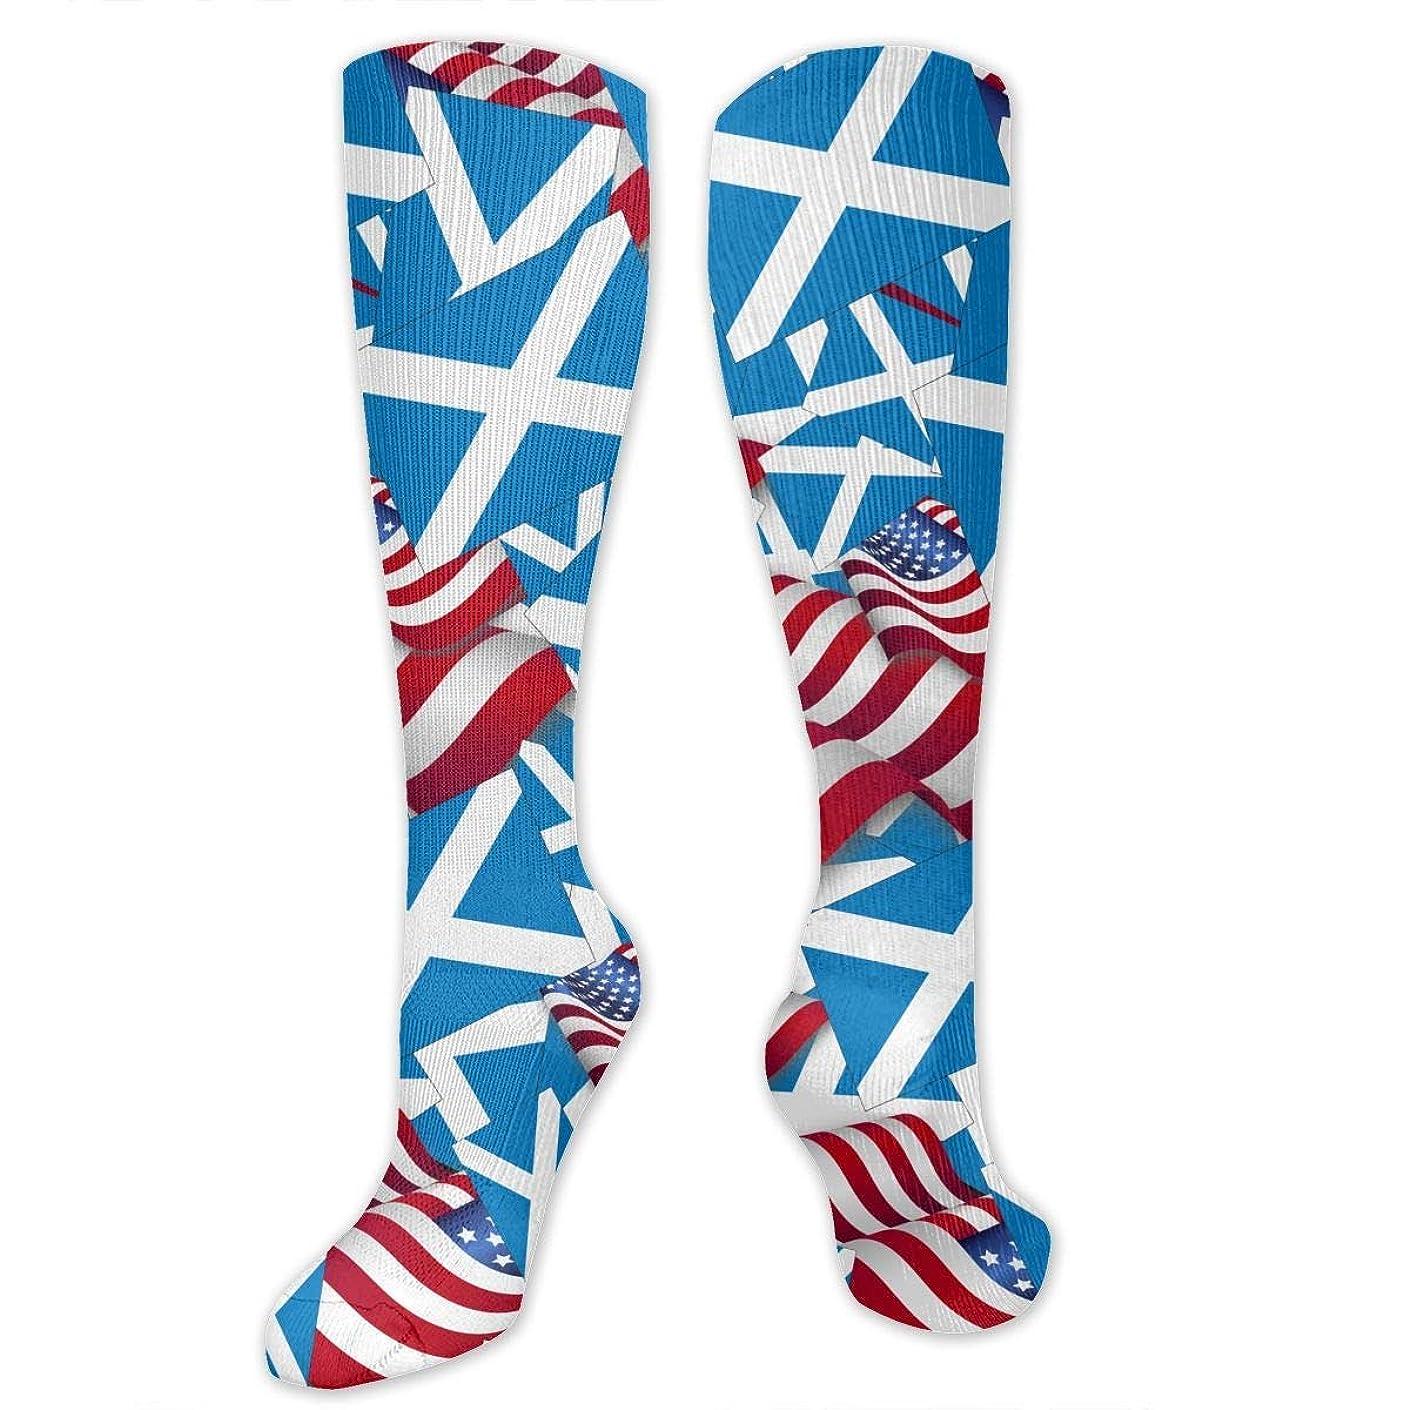 両方不機嫌仲良しQRRIYスコットランドアメリカ フラッグ- 3 D抗菌アスレチックソックス圧縮靴下クルーソックス